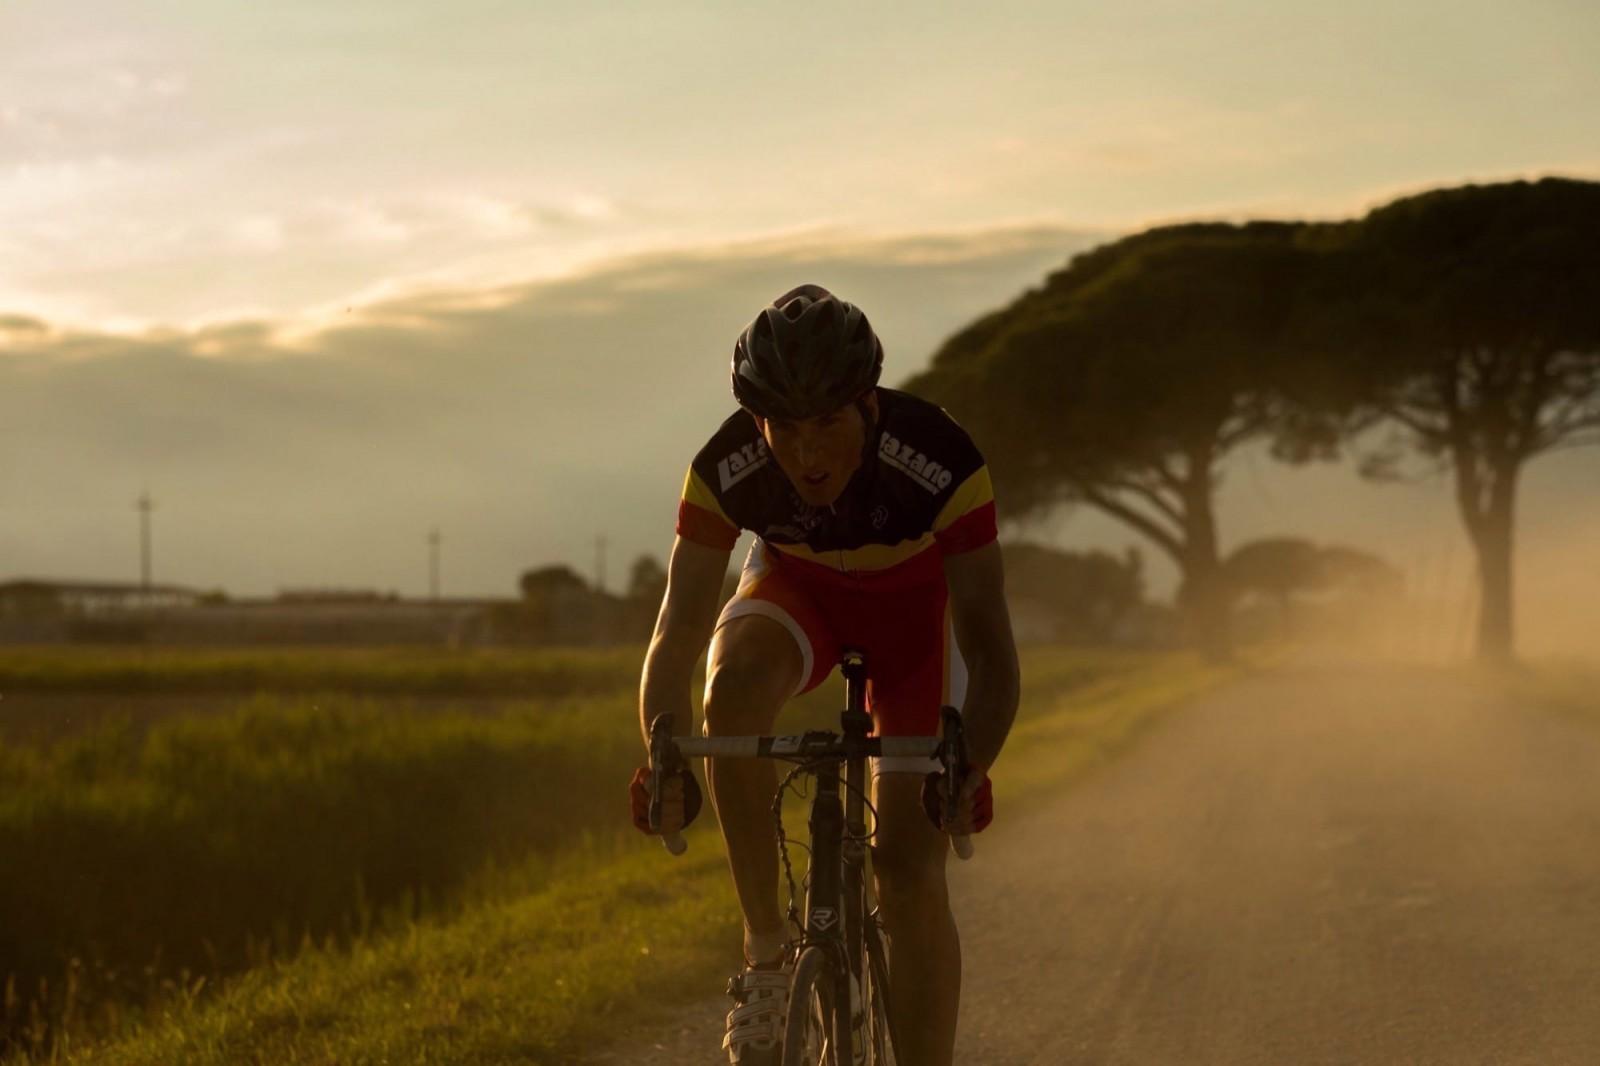 coureur_niels-willaerts_17_fietsen_frontaal-1600x1066 (1).jpg